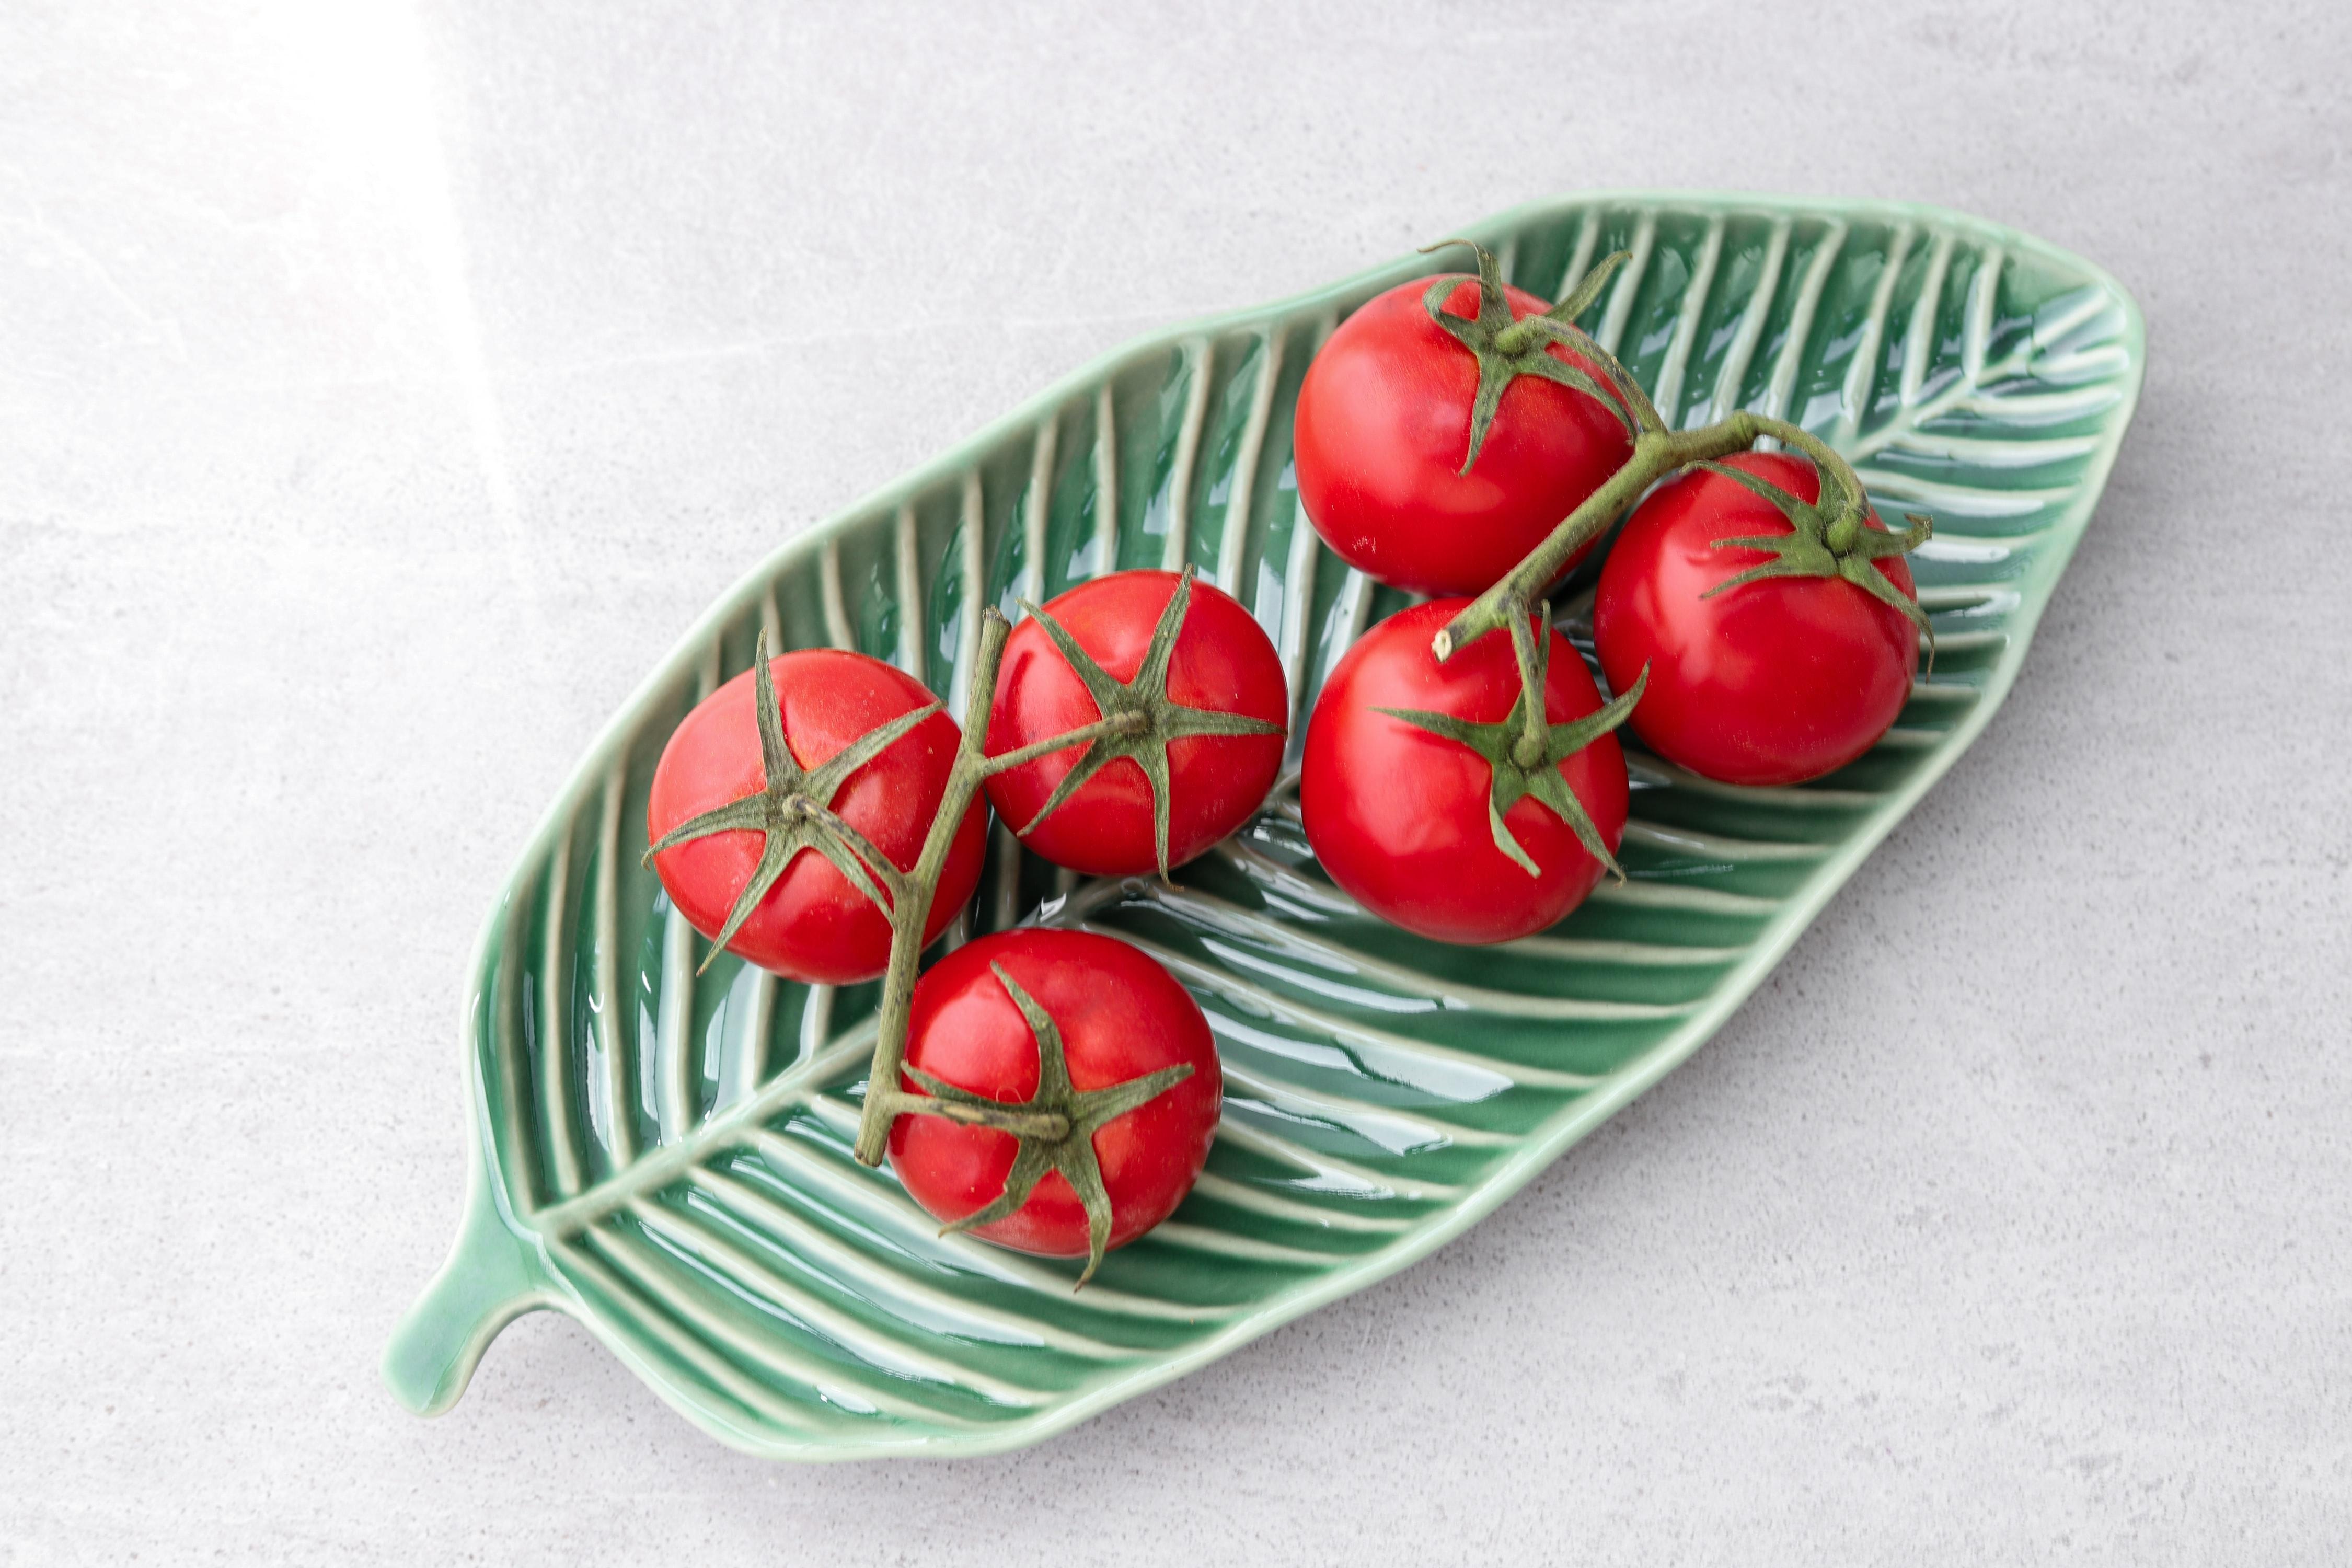 Tomat, fad, røde tomater. (Foto: Unsplash)